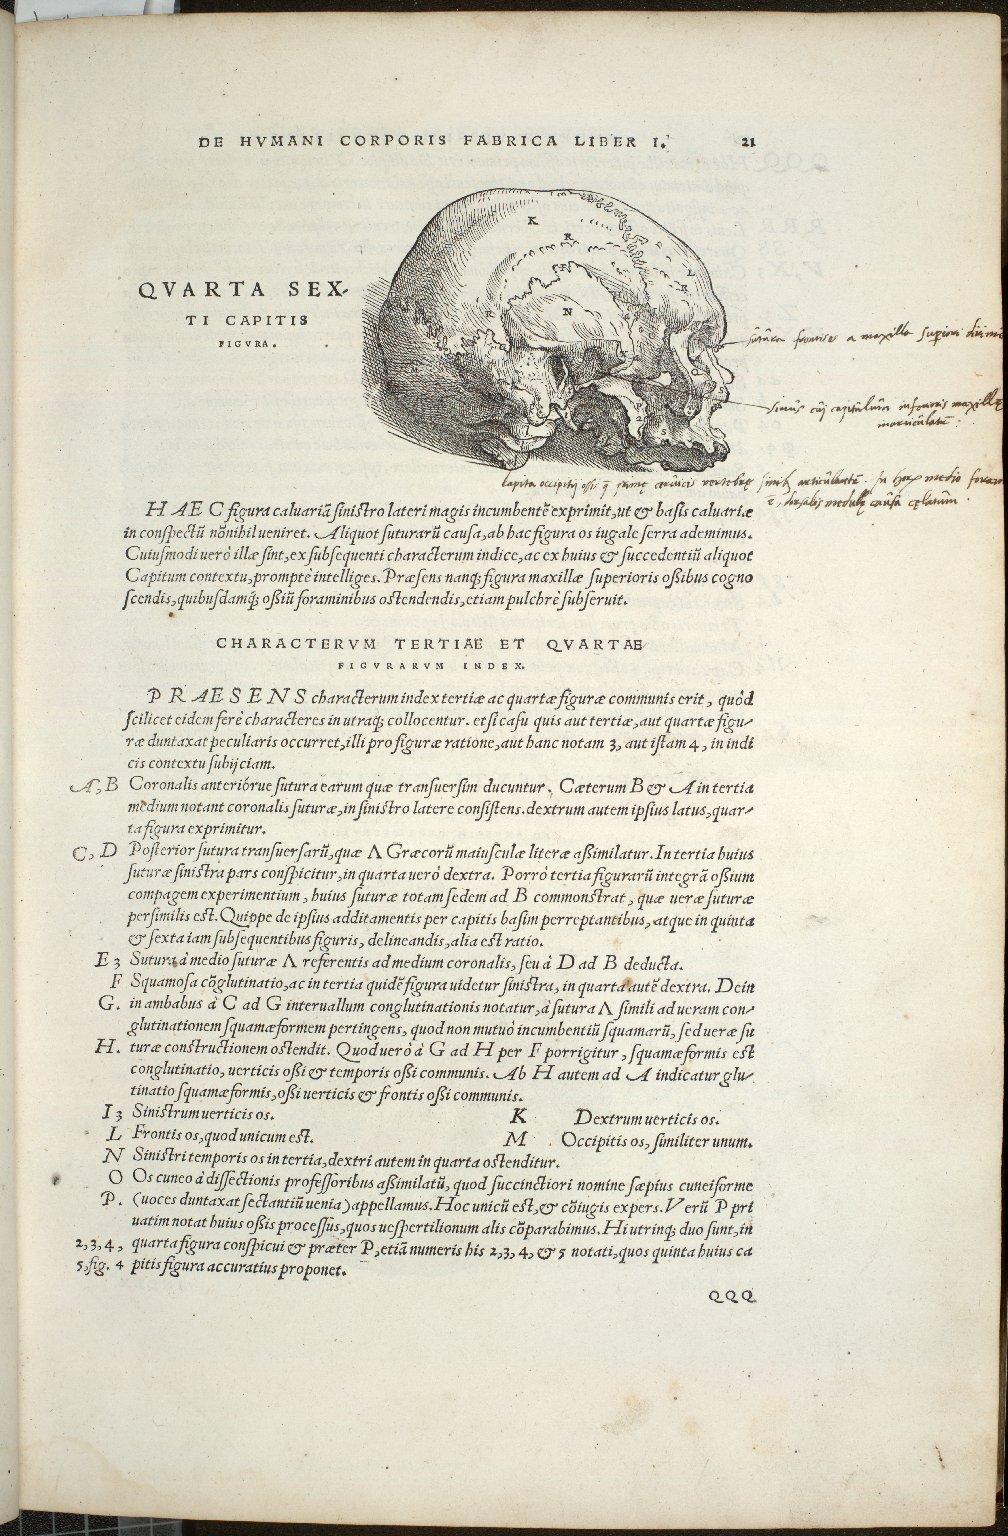 De Octo Capitis Ossibus et futuris haec commenttentibus. Caput VI. Fig: IV